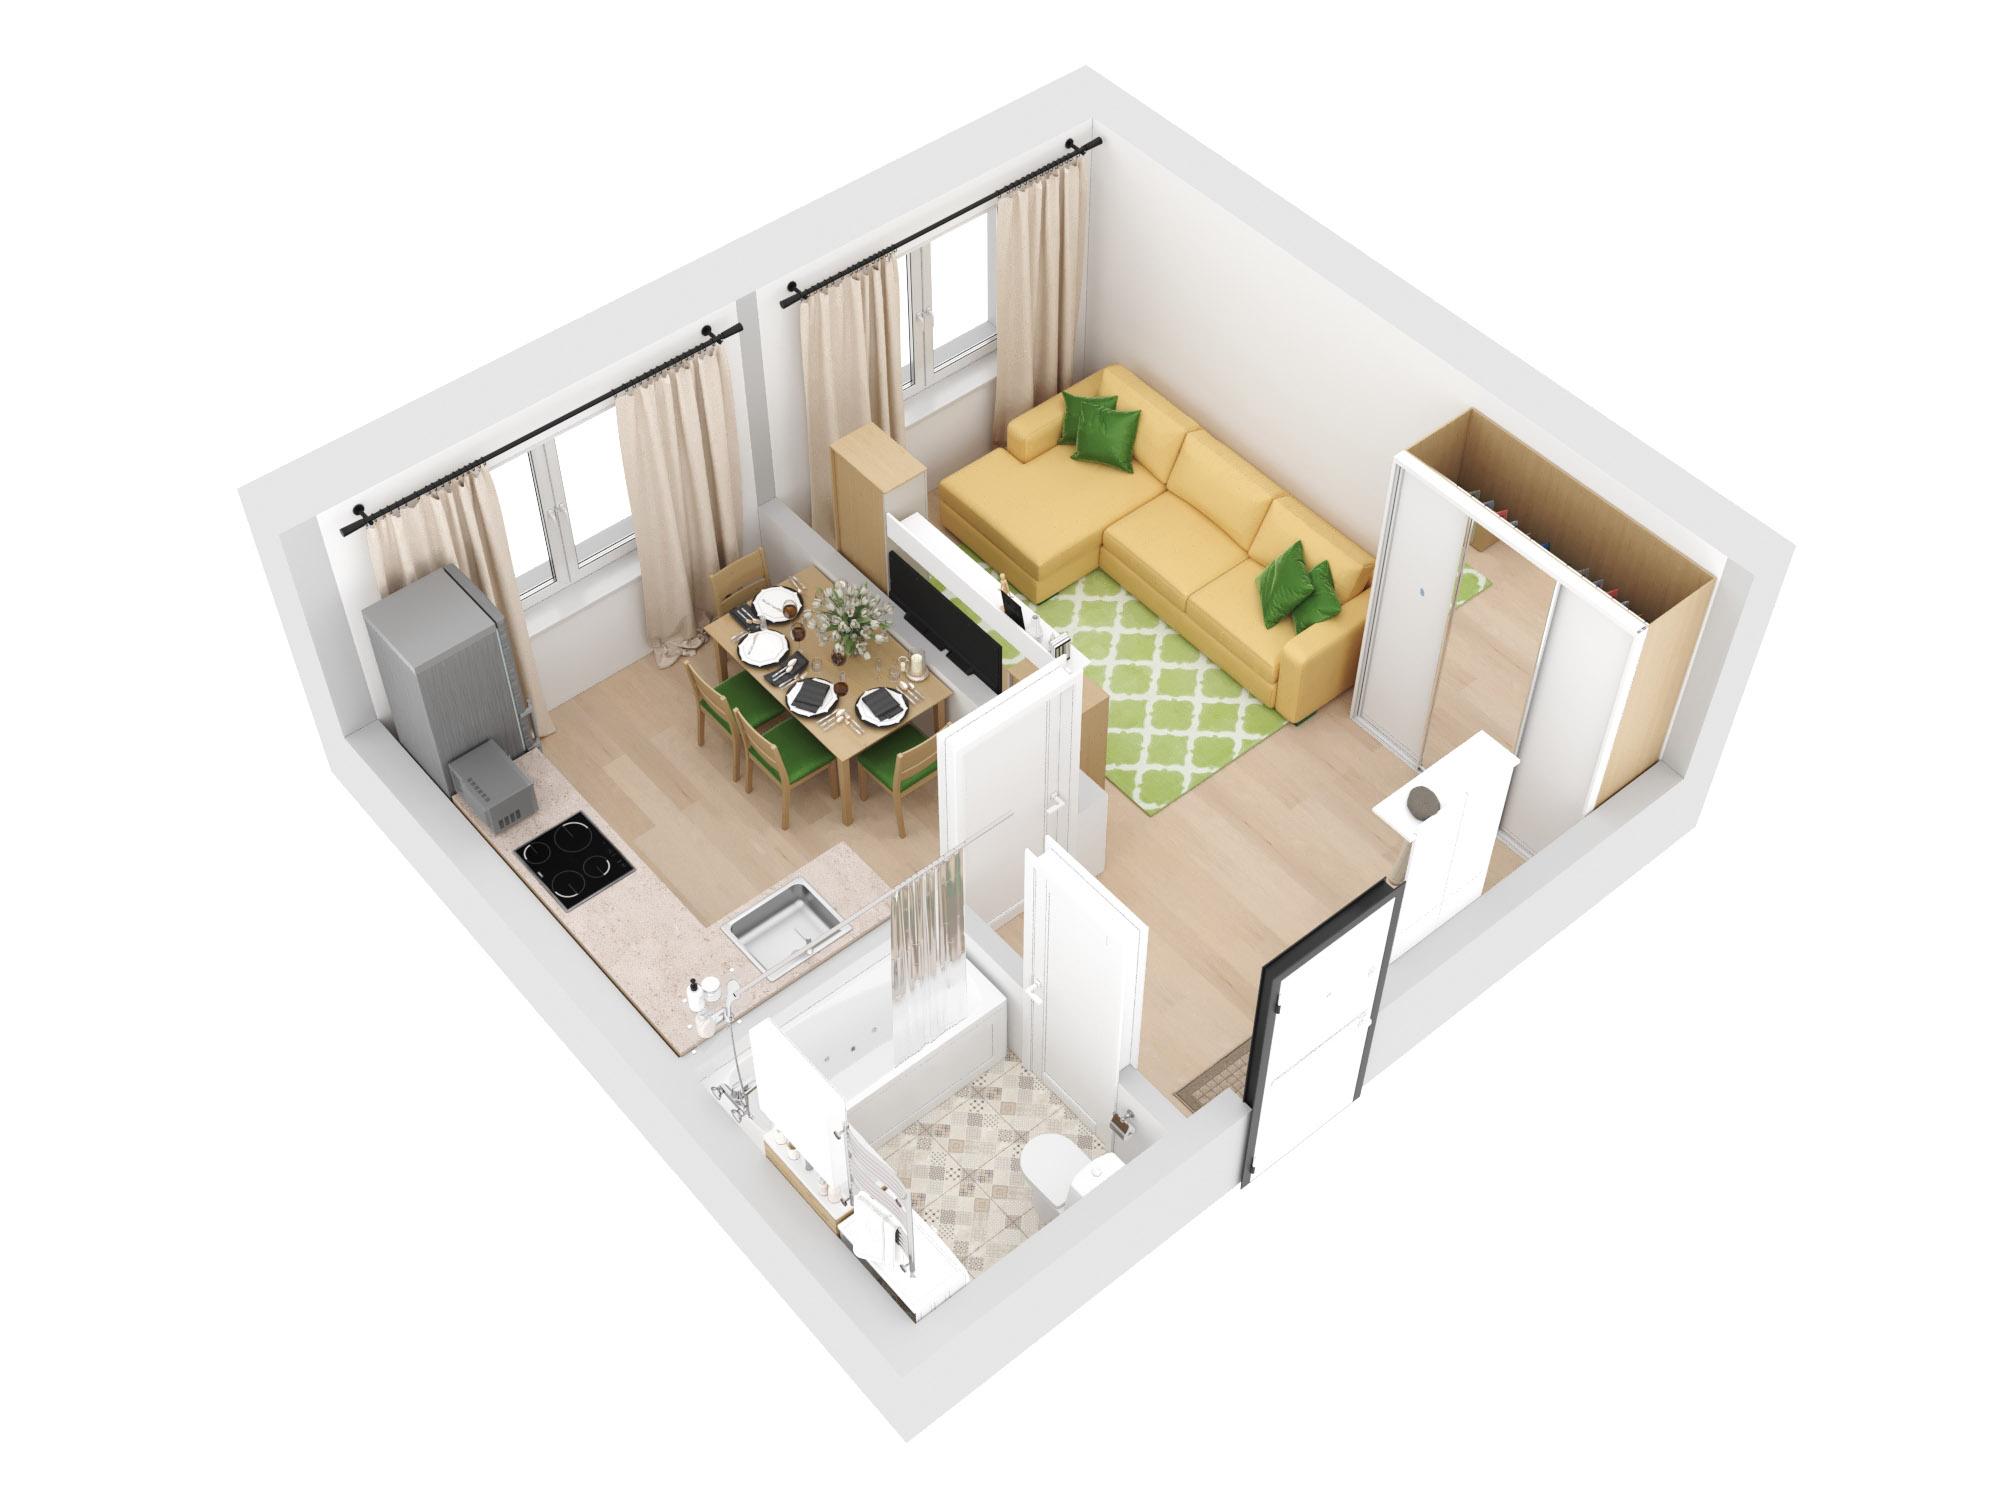 1-комнатная квартира 30.94